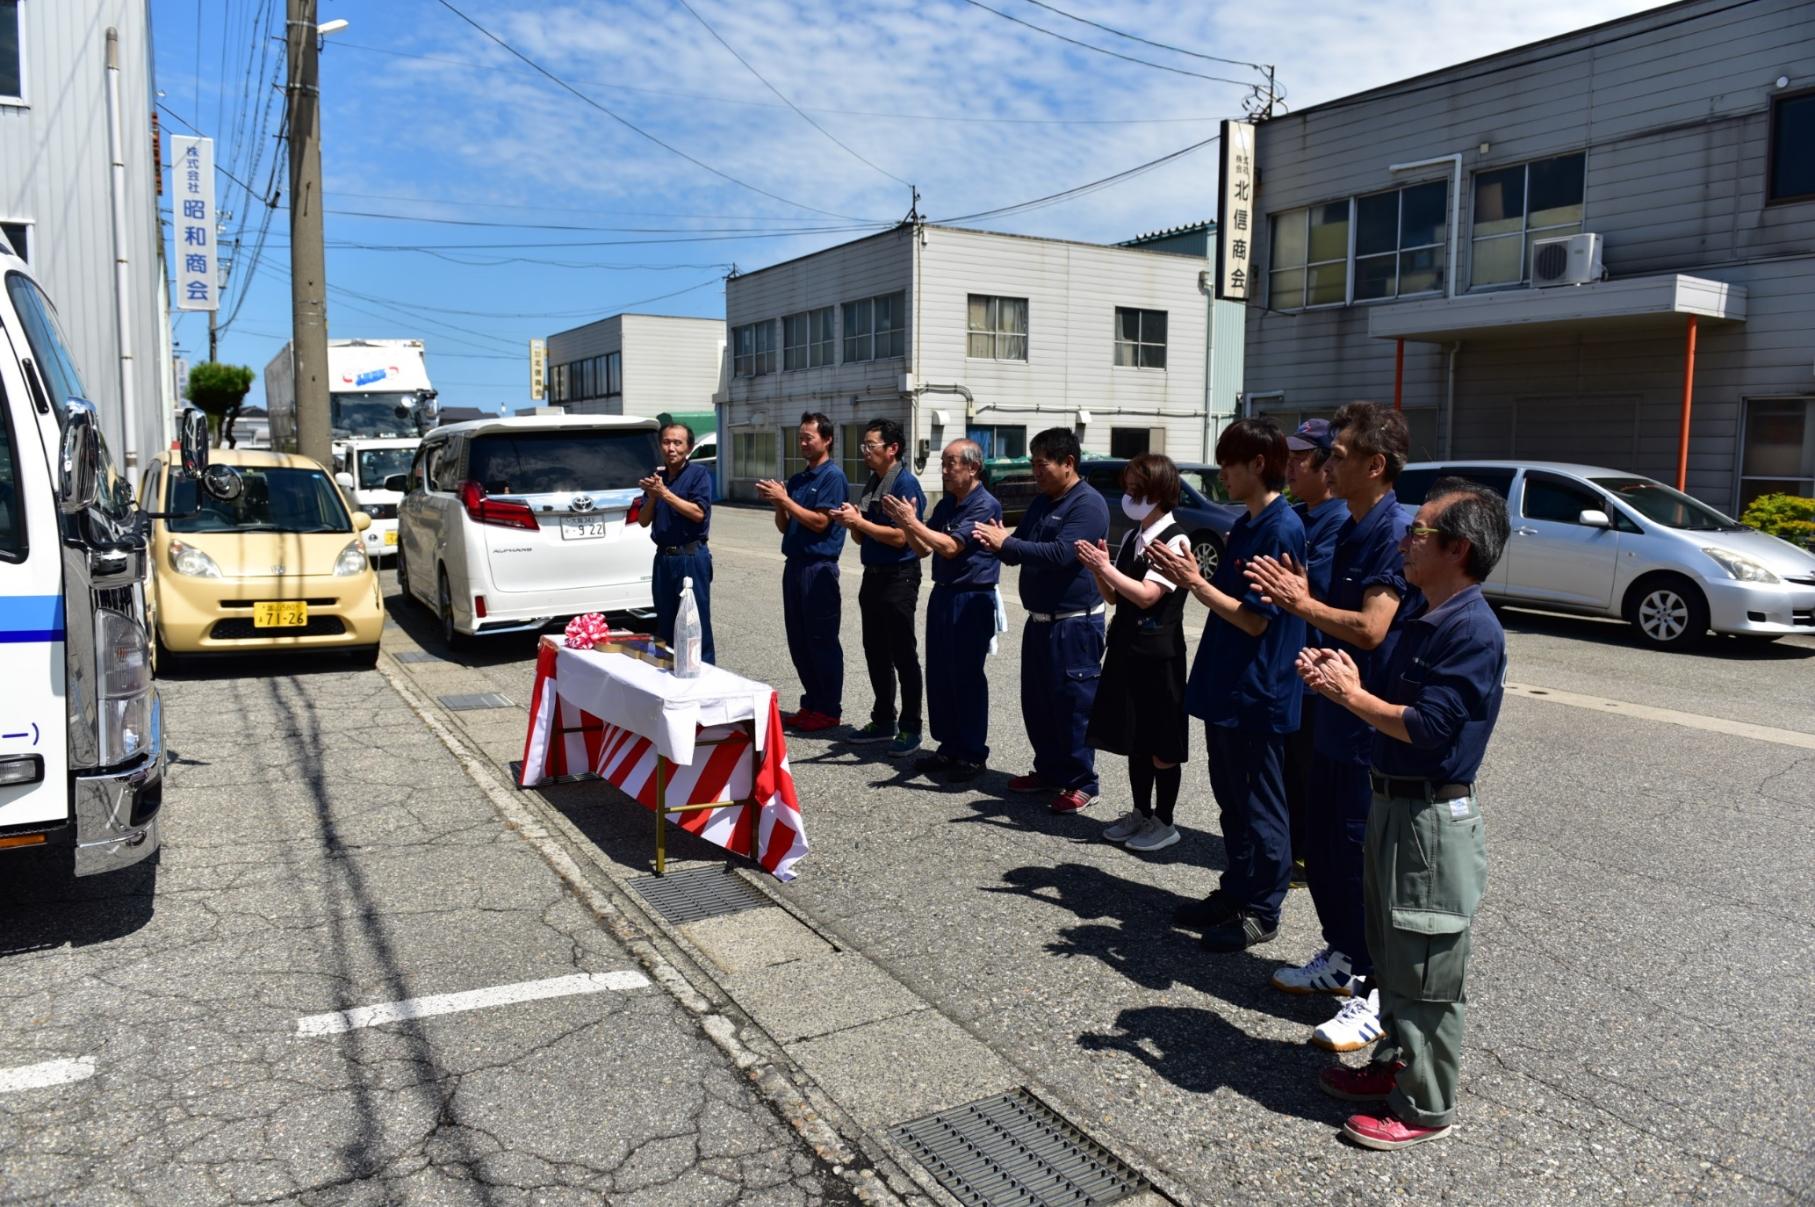 ☆☆ 富山で2トン車の納車式開催! ☆☆